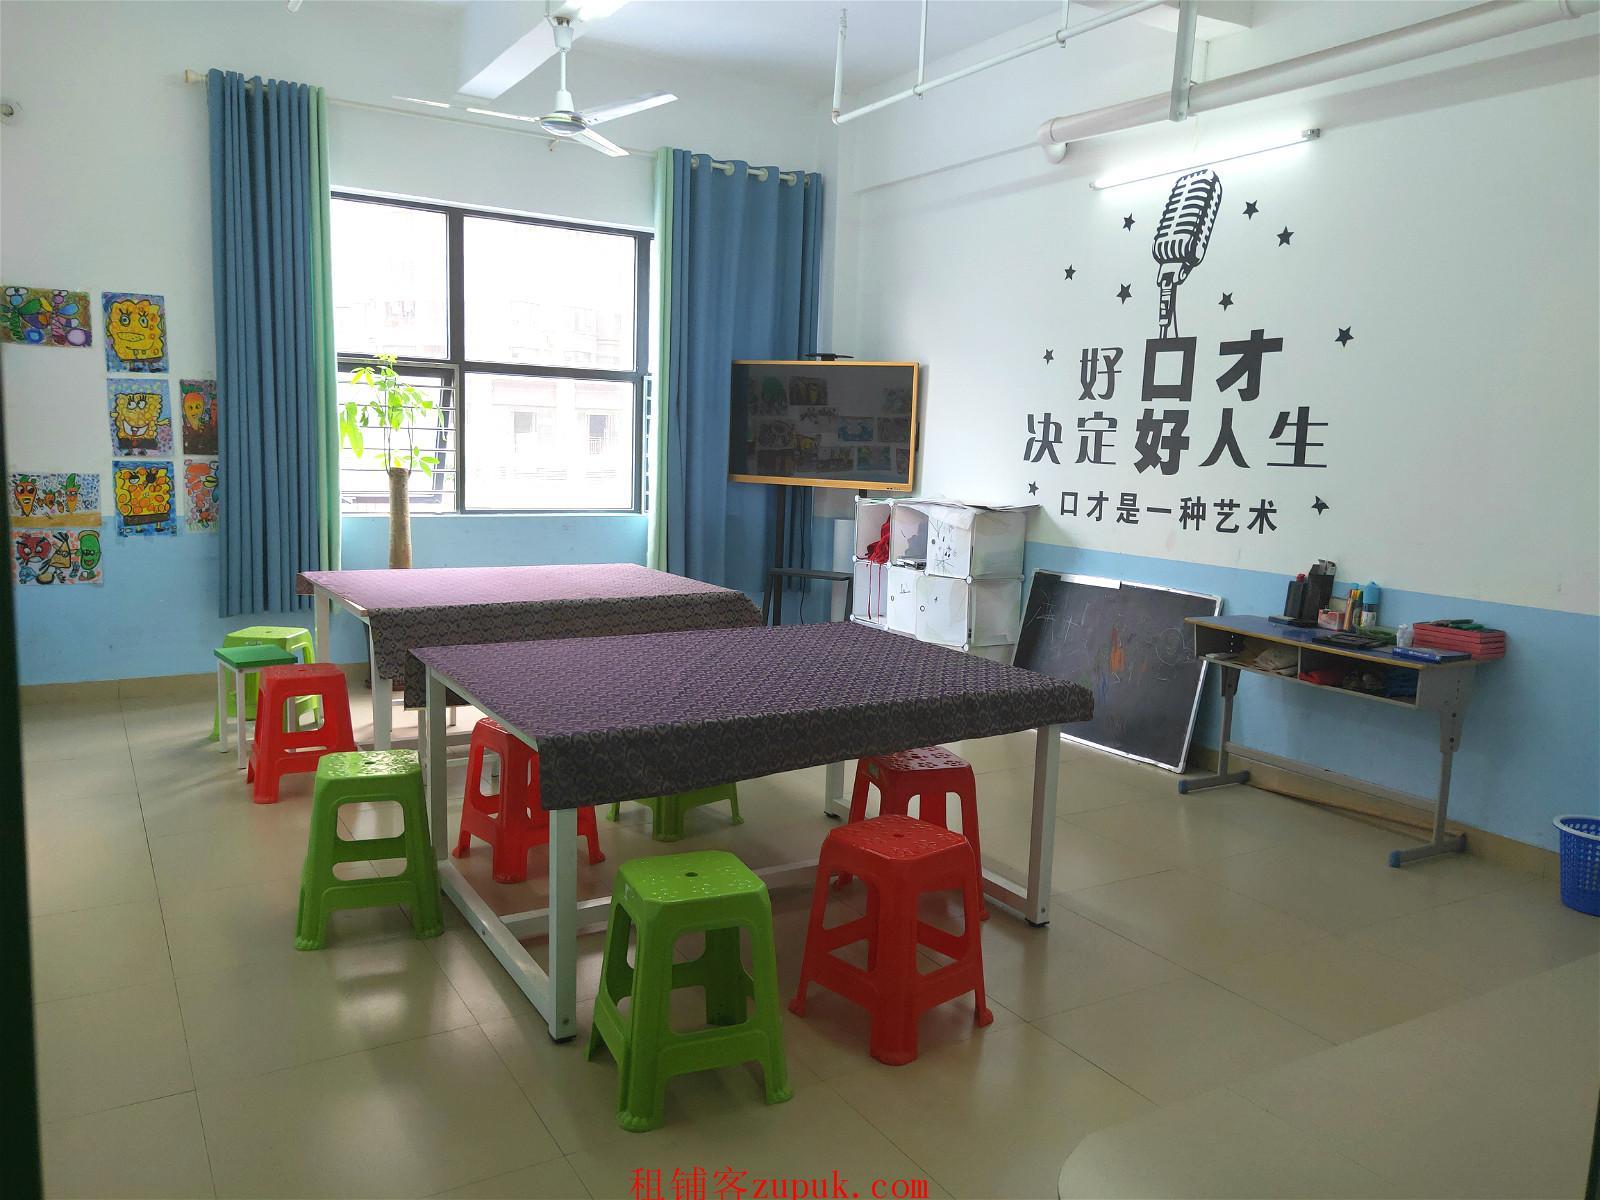 兴宁区金川路临街450平艺术培训中心整体转让,可空转